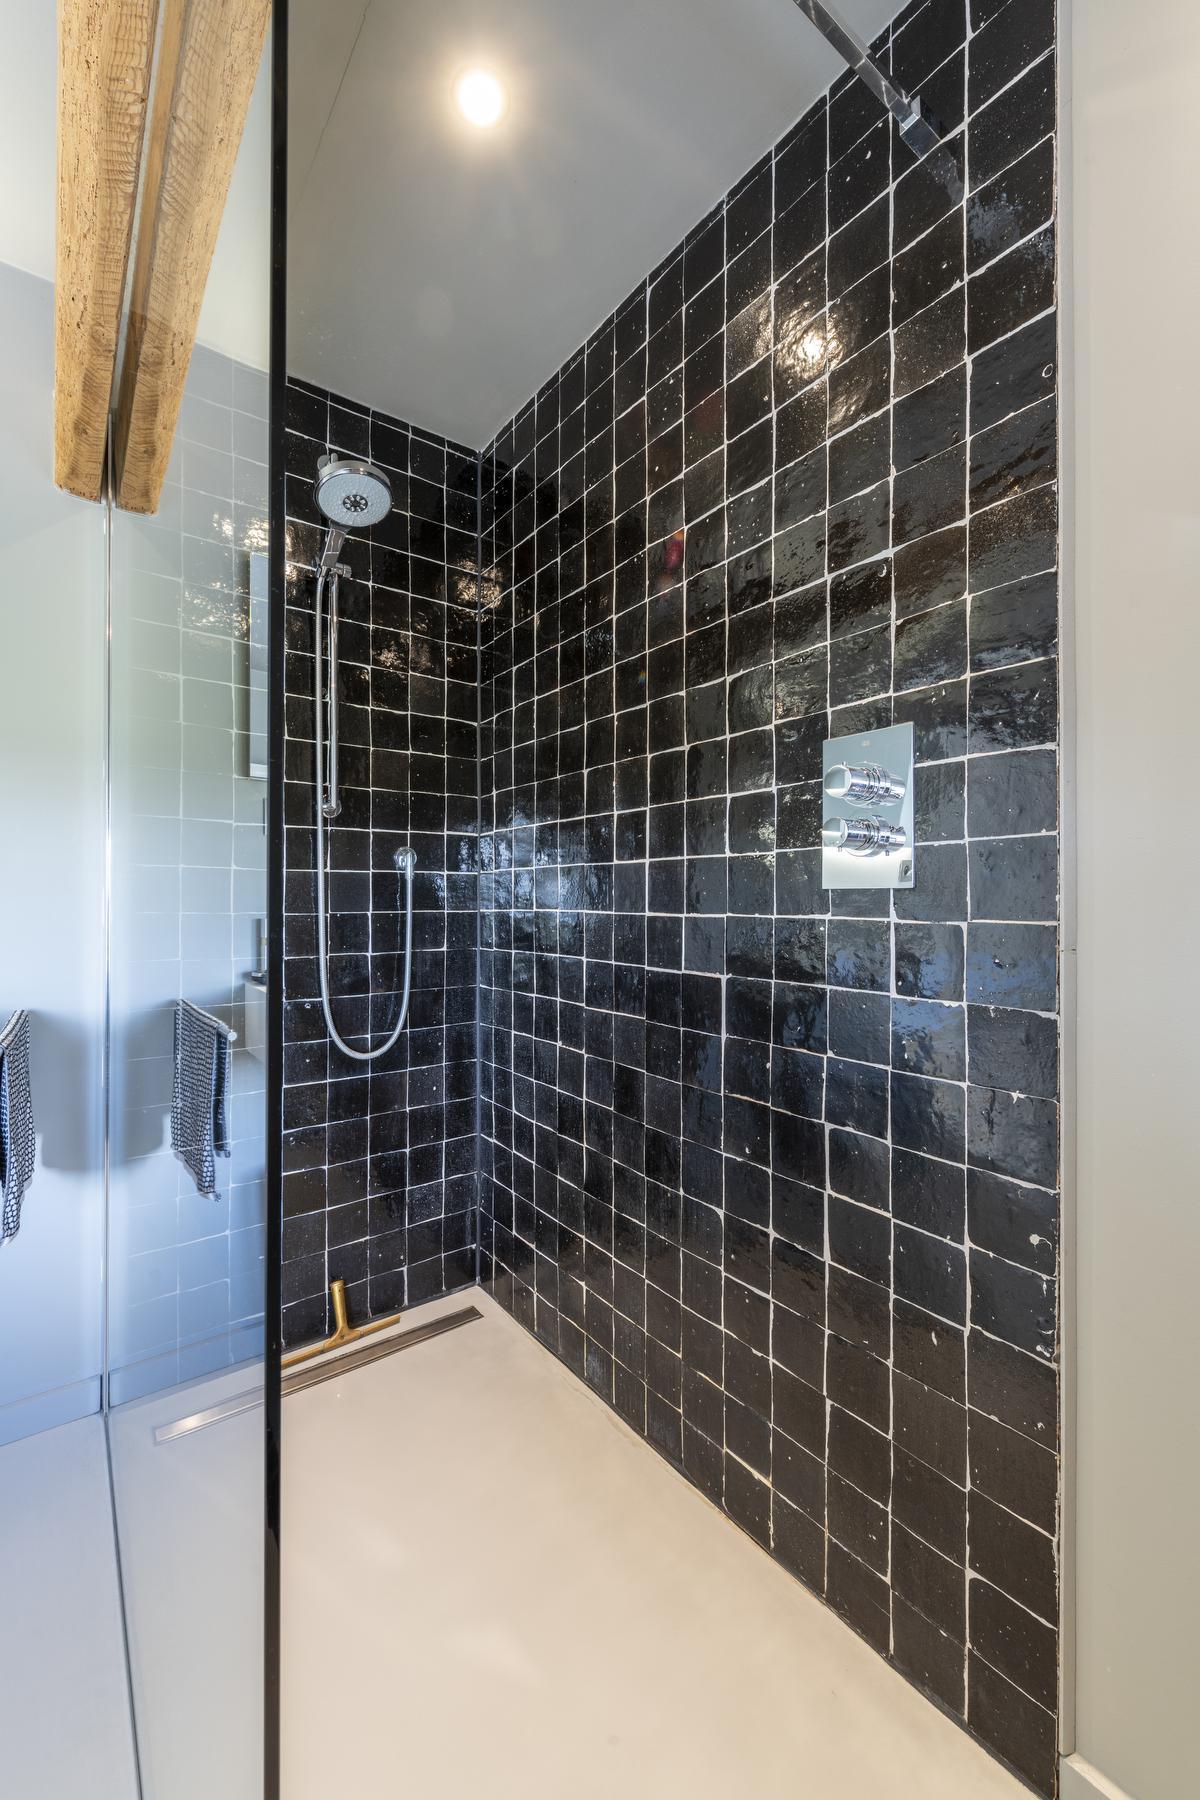 Zwarte, Marokkaanse tegeltjes in de badkamer doorbreken de strakke lijnen.©Pieter Clicteur;Pieter Clicteur